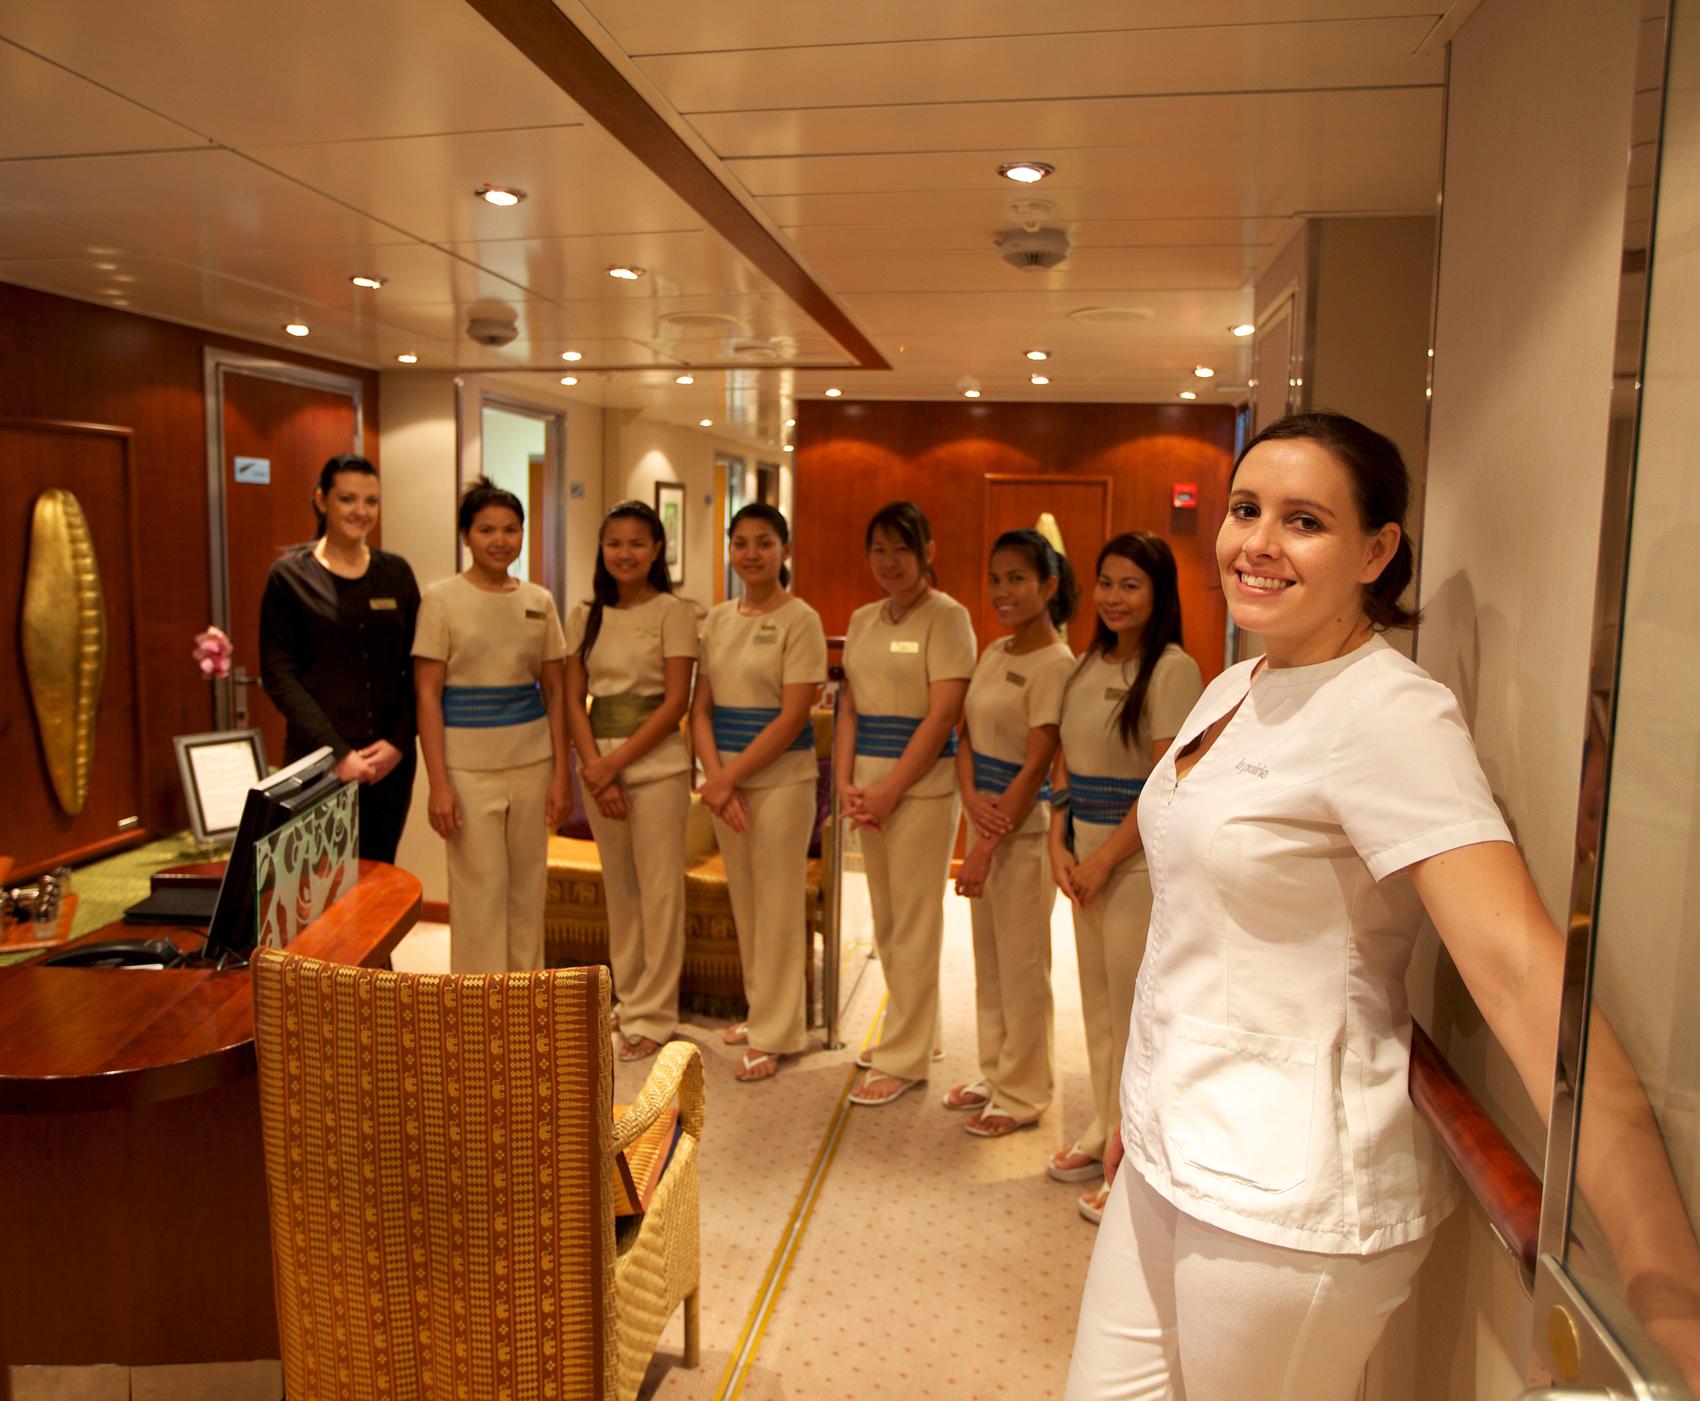 thai smile massage massage göteborg